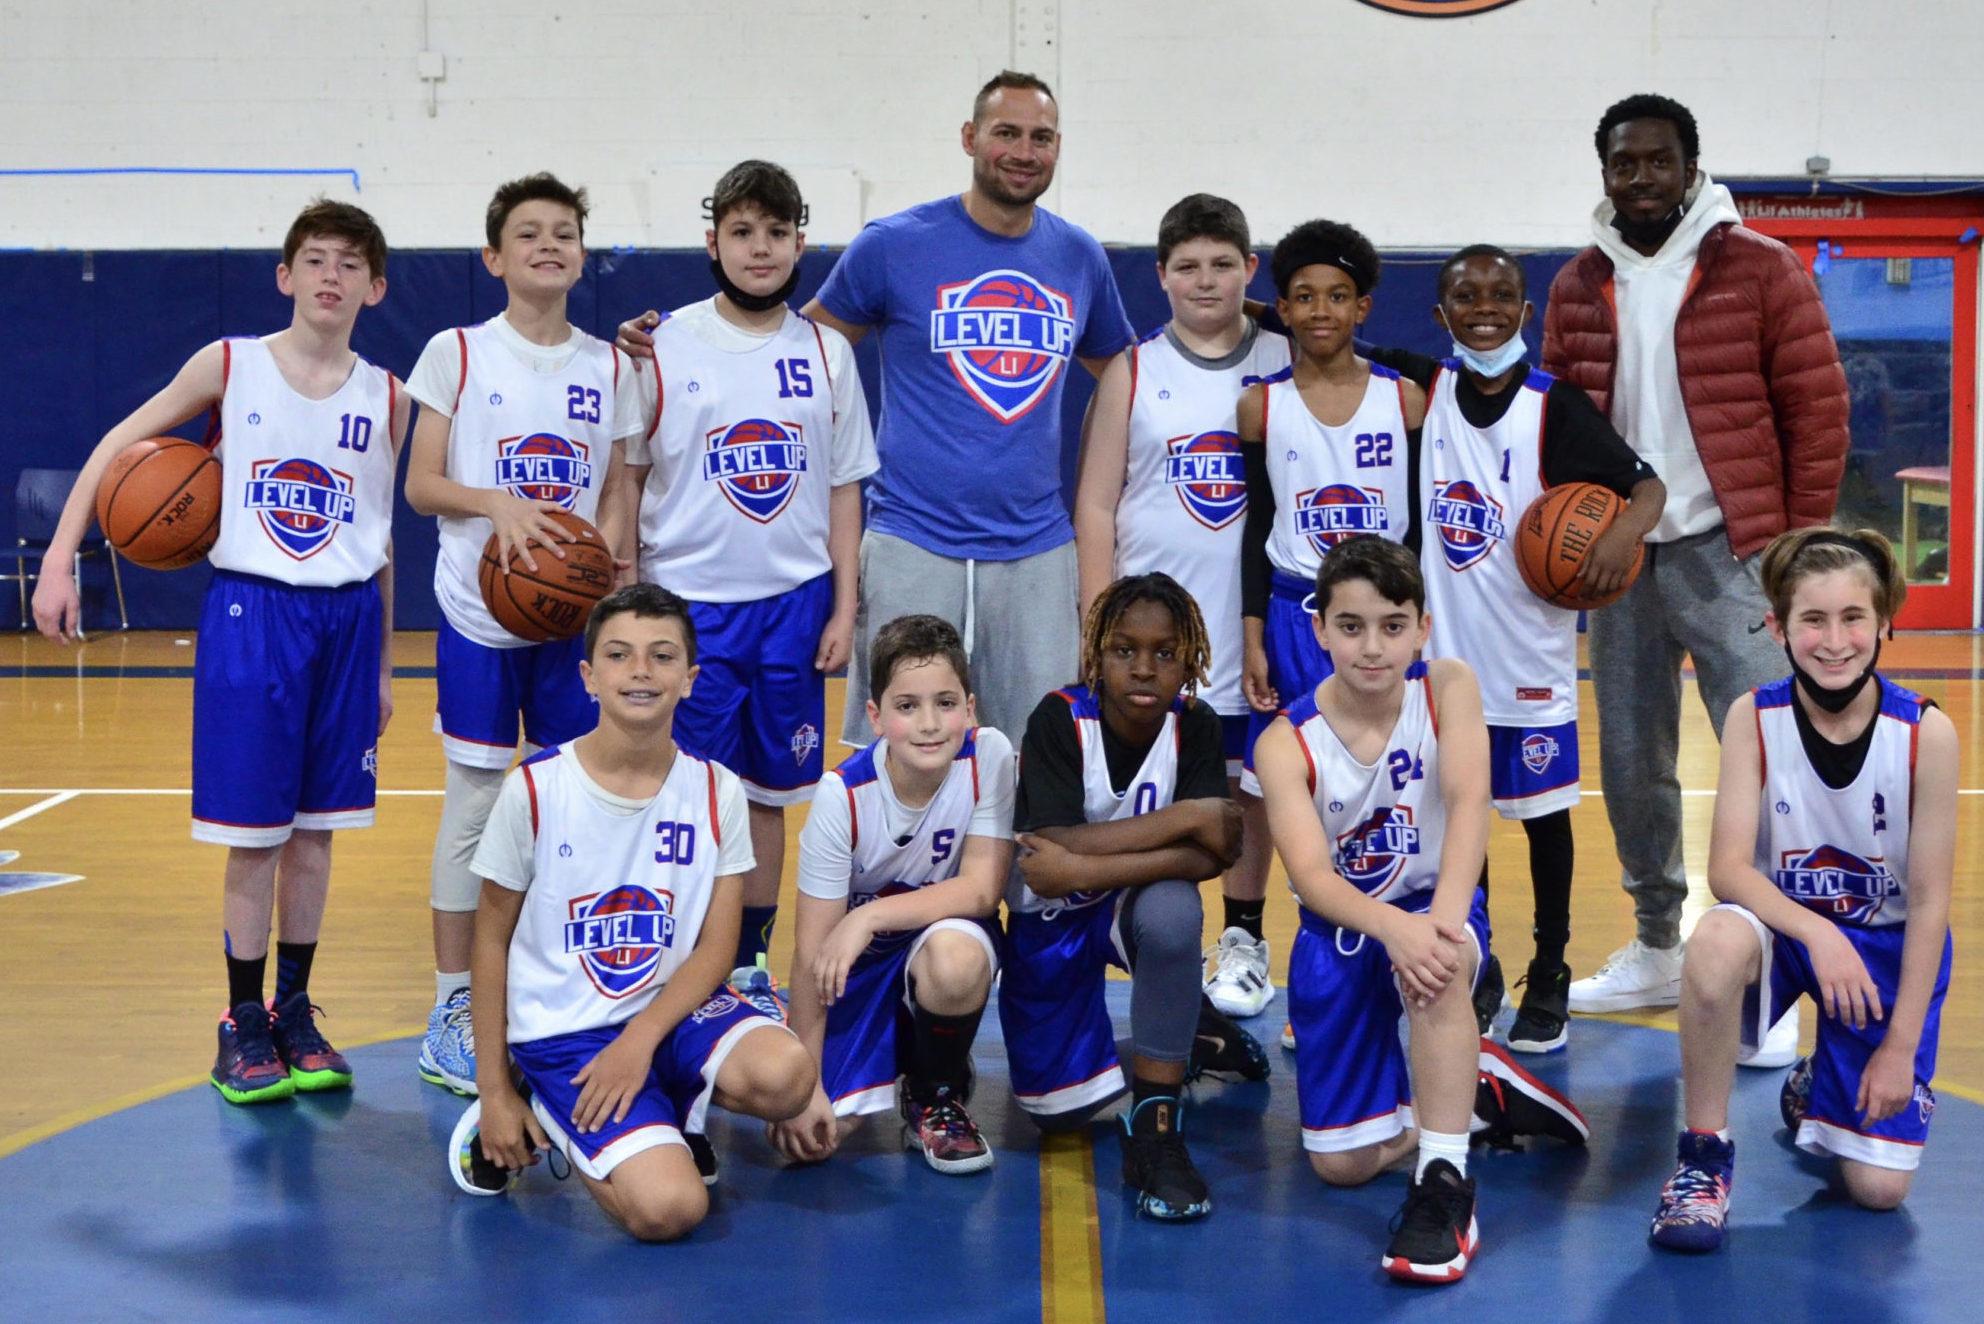 Evan Team Picture 5th